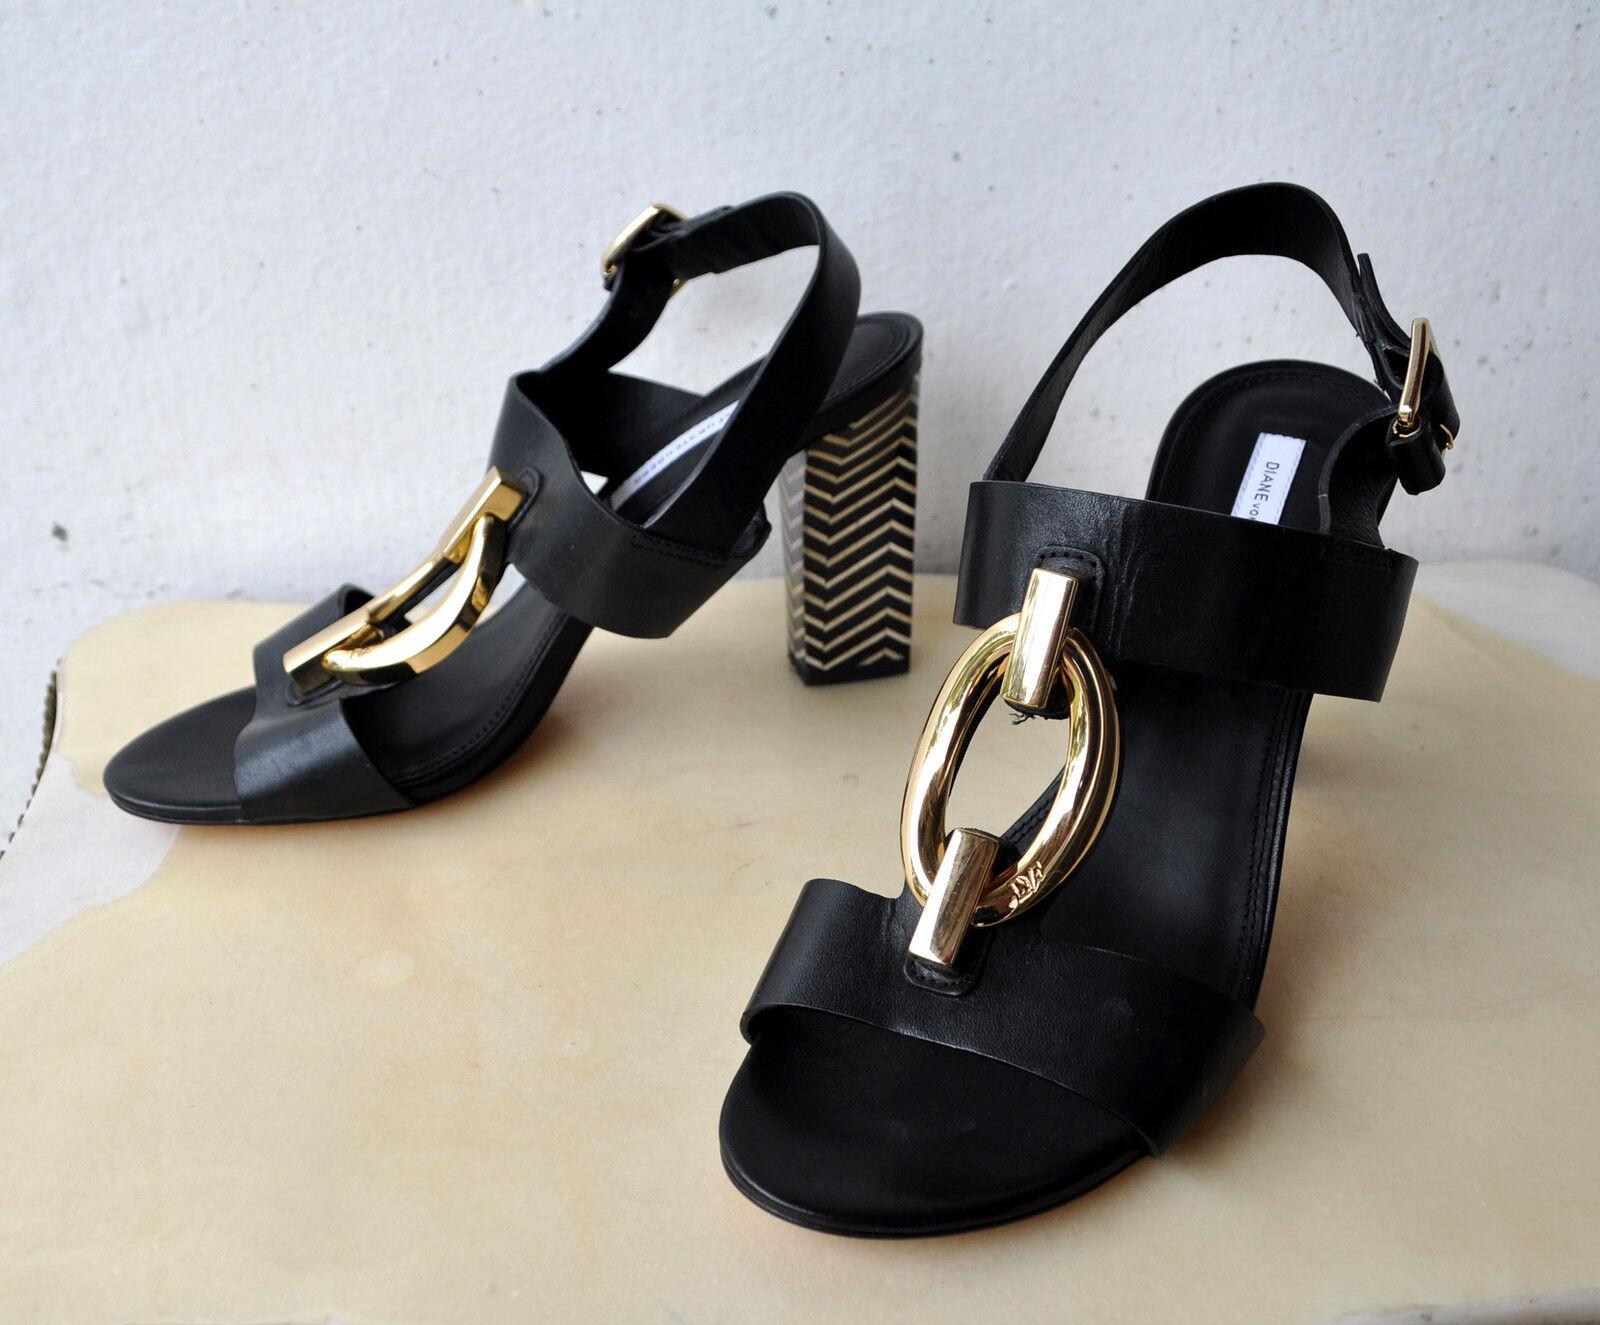 Diane Von Furstenberg Dvf Cuero Negro Negro Negro Sandalias Tacones Talla 8.5 iniciación Raro Agotado  opciones a bajo precio